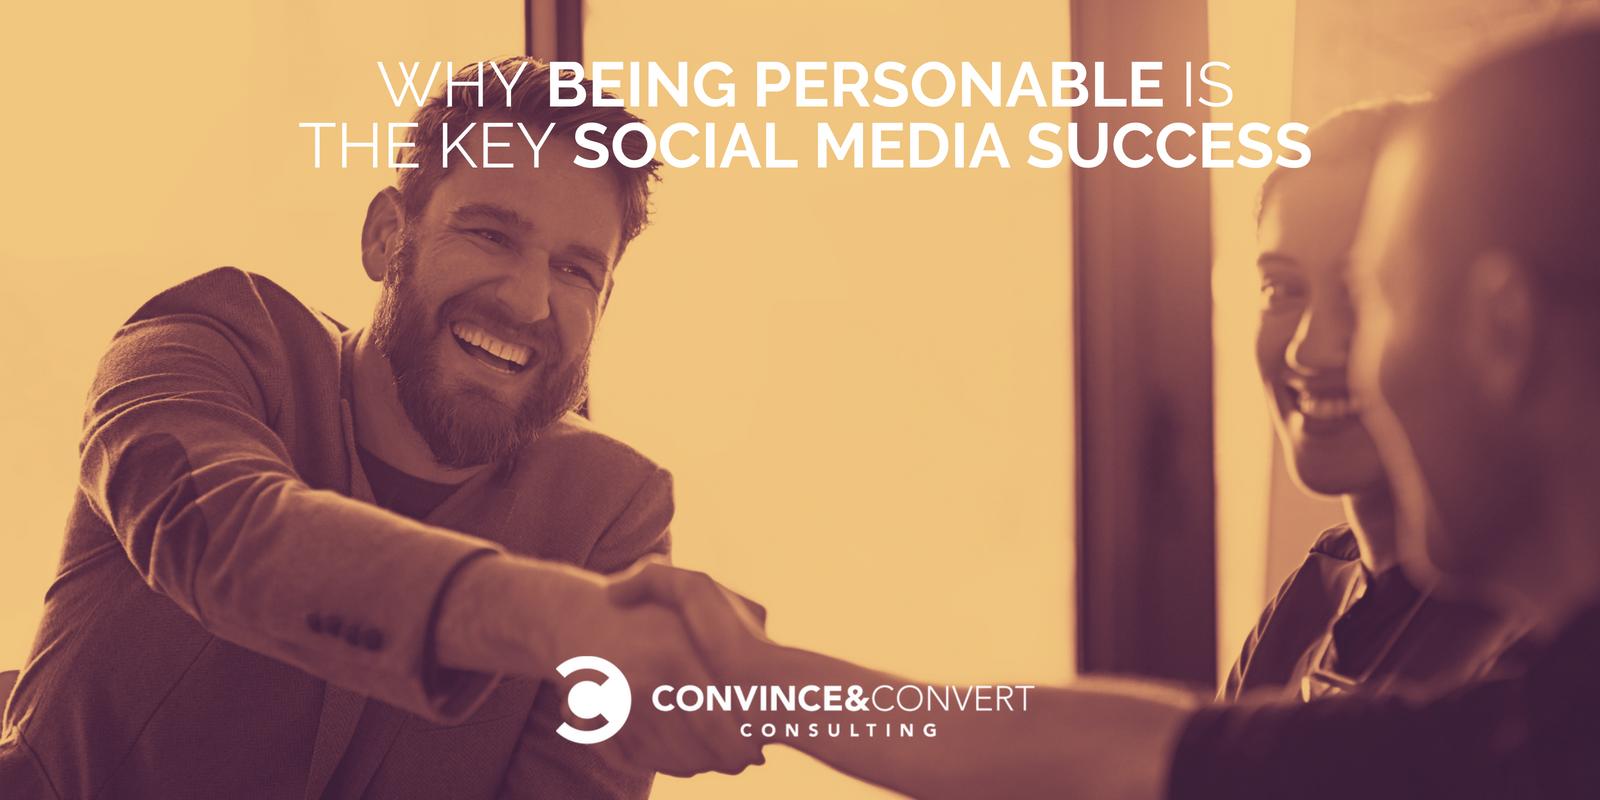 chiave del successo sociale chiave